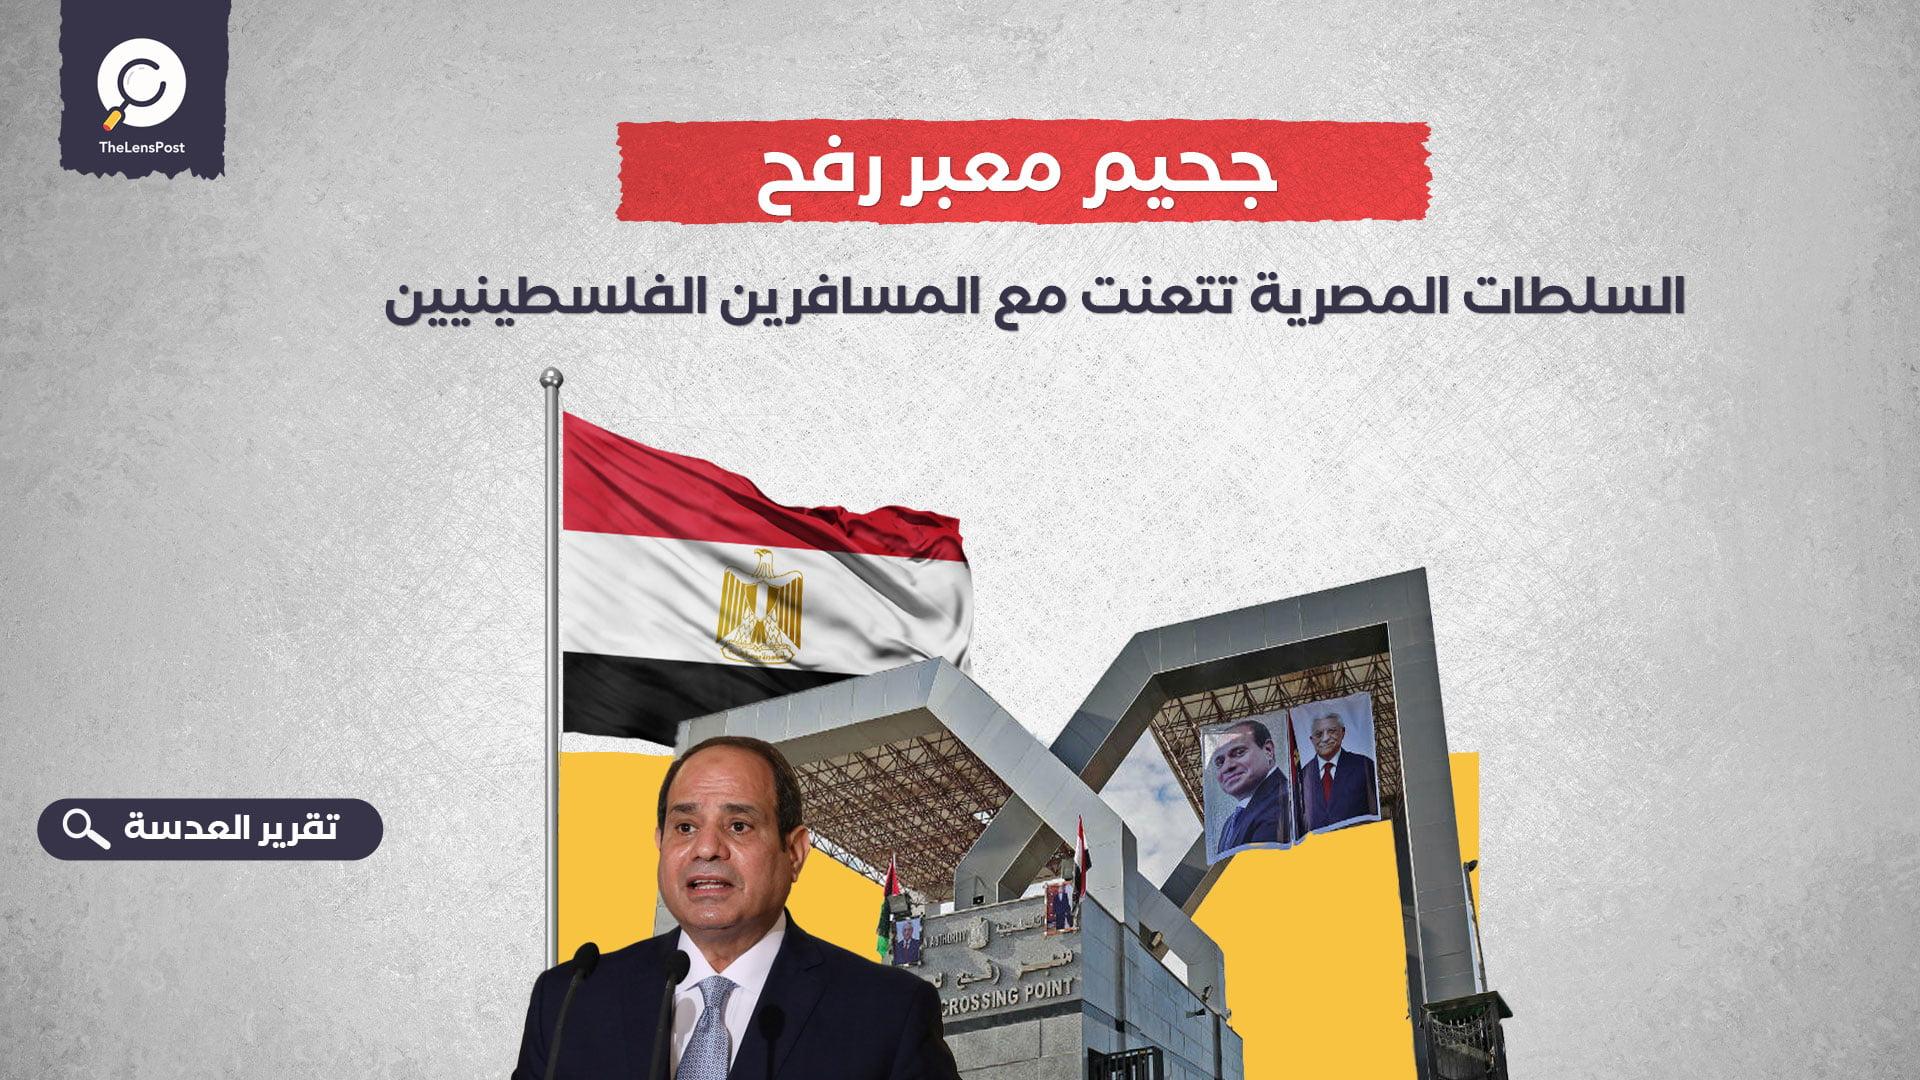 جحيم معبر رفح.. السلطات المصرية تتعنت مع المسافرين الفلسطينيين